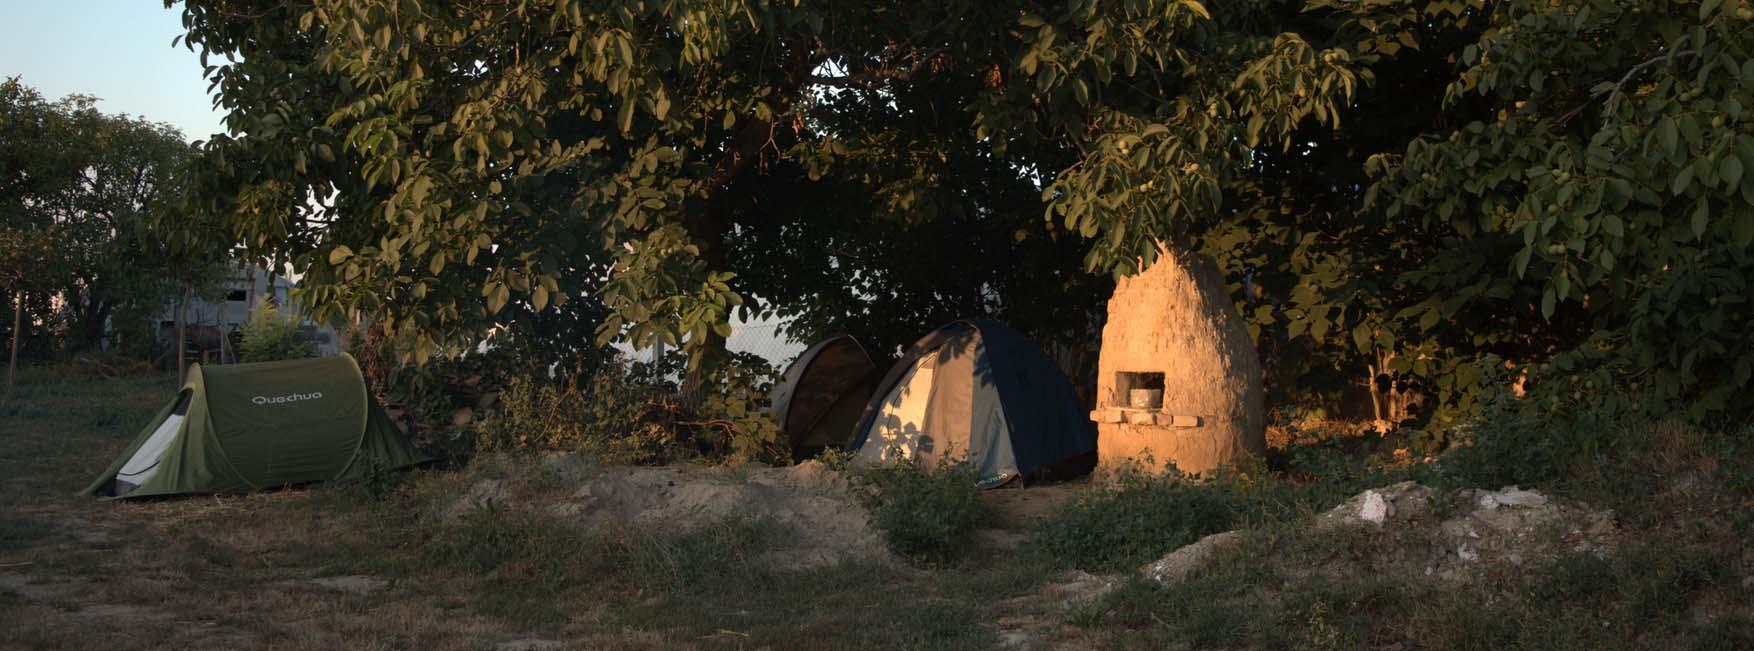 109 mORA 2015 kamp u dvoristu